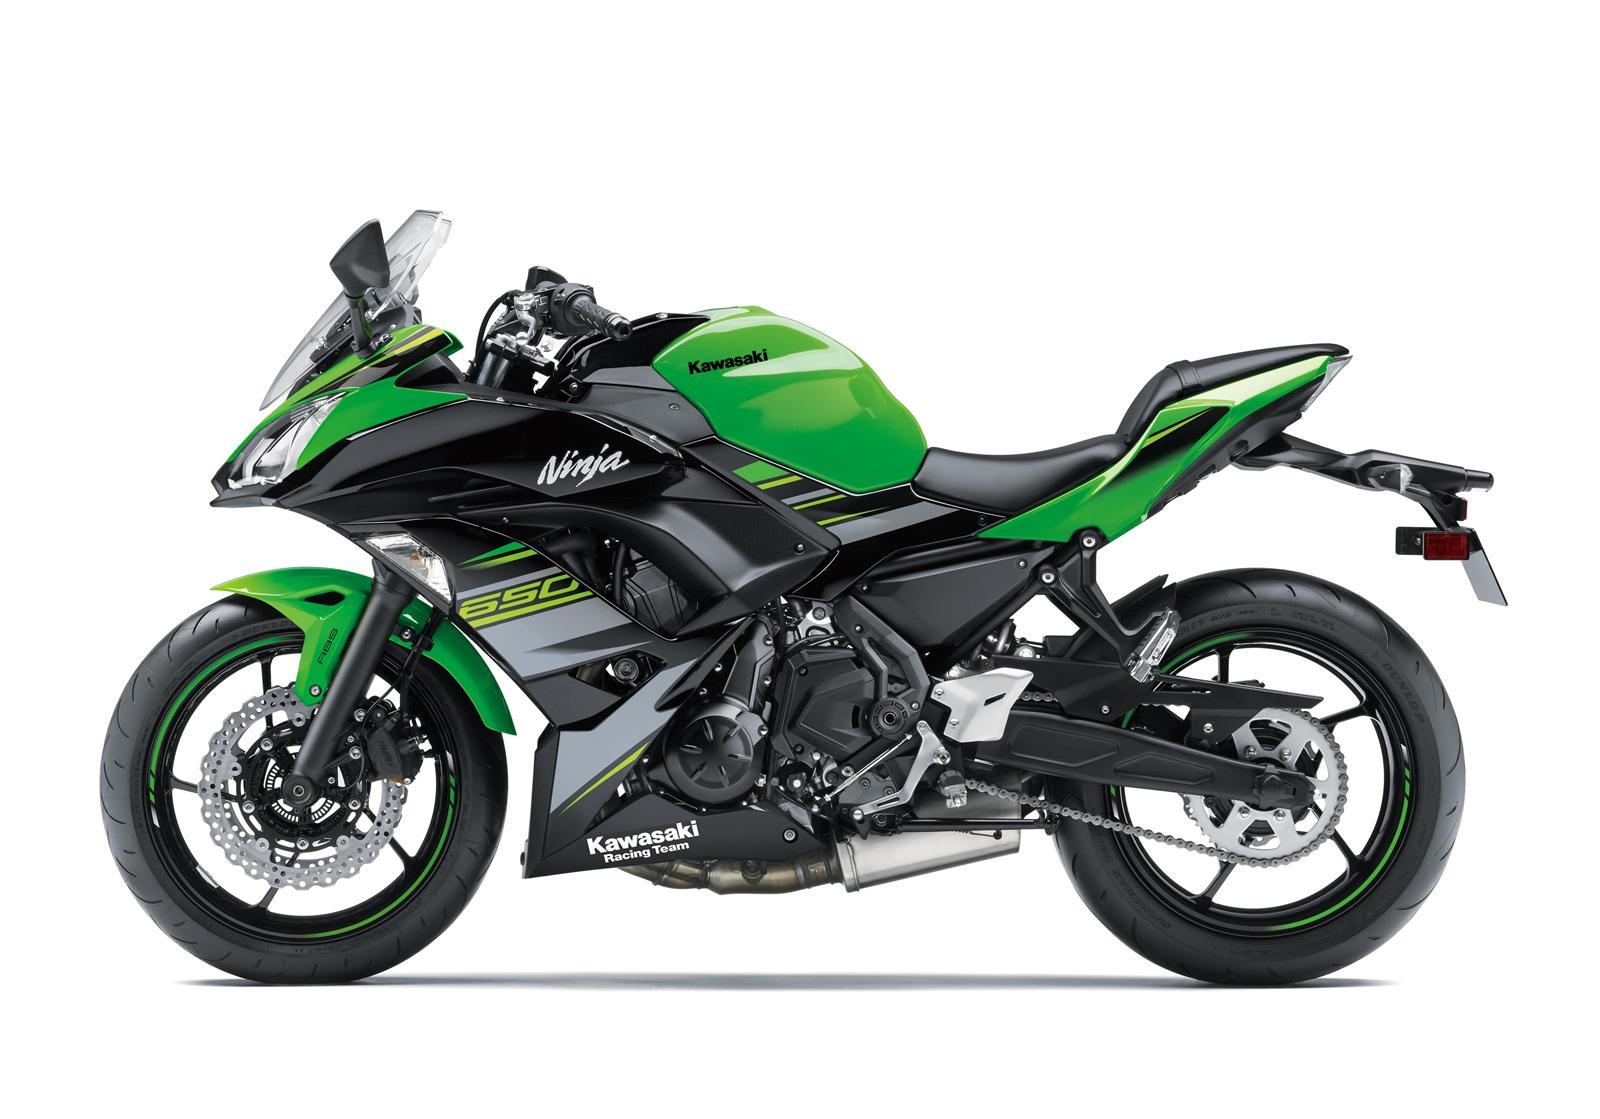 Kawasaki Ninja 650 grafika krt